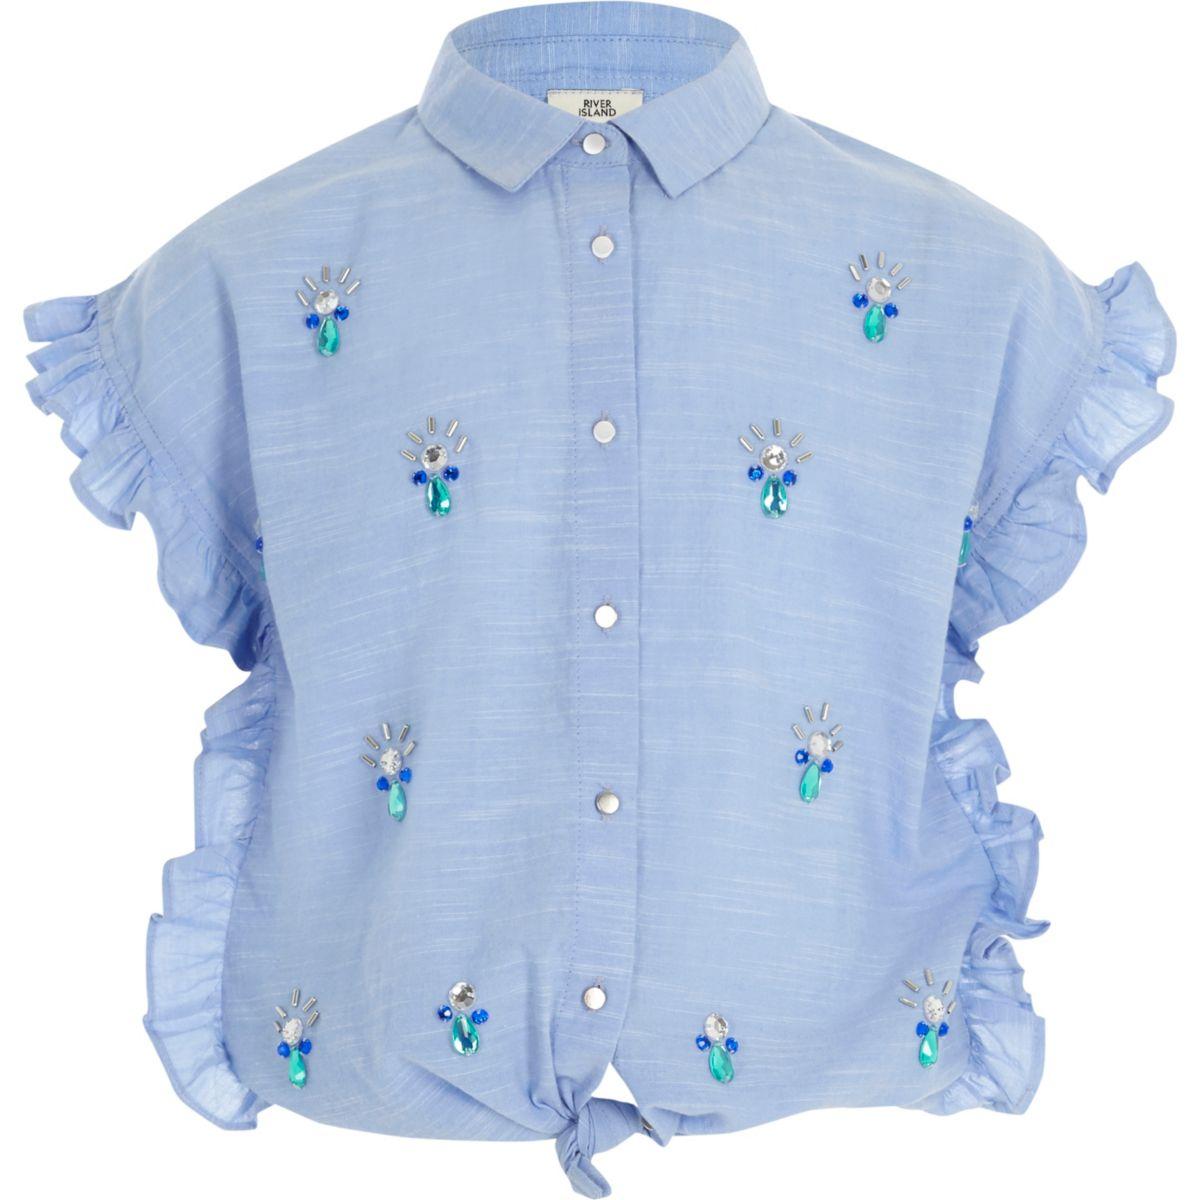 Blaues Hemd mit Rüschen